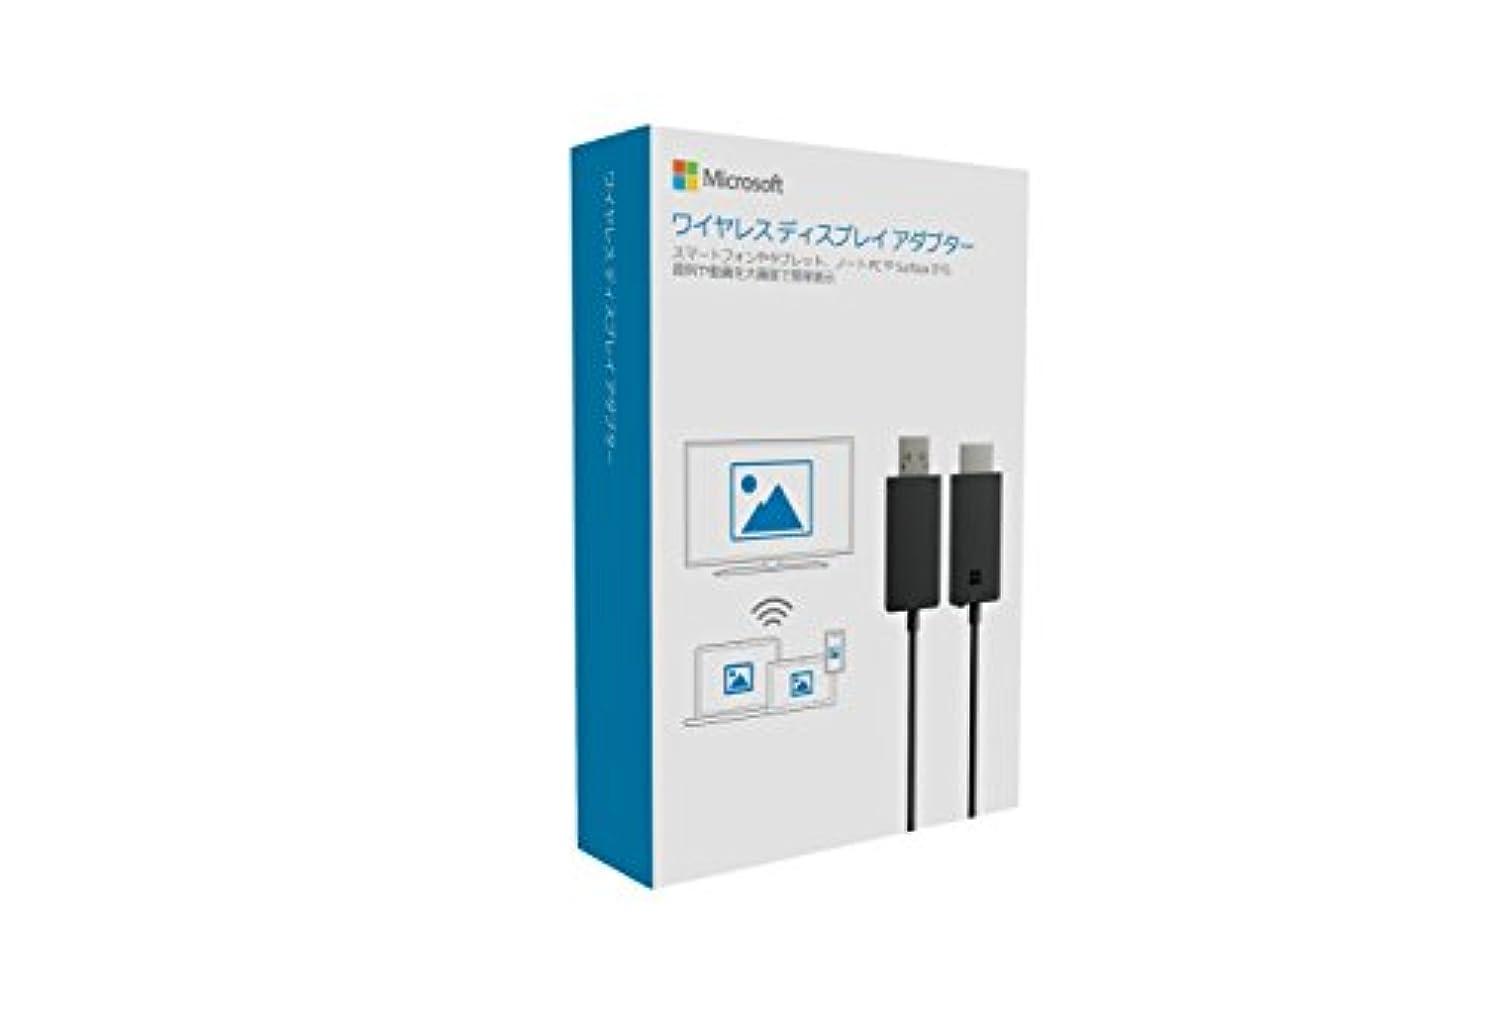 素敵なパーツミサイルマイクロソフト ワイヤレスディスプレイアダプター V2【Wi-Fi不要】ミラキャストテクノロジー 搭載デバイス対応 P3Q-00009